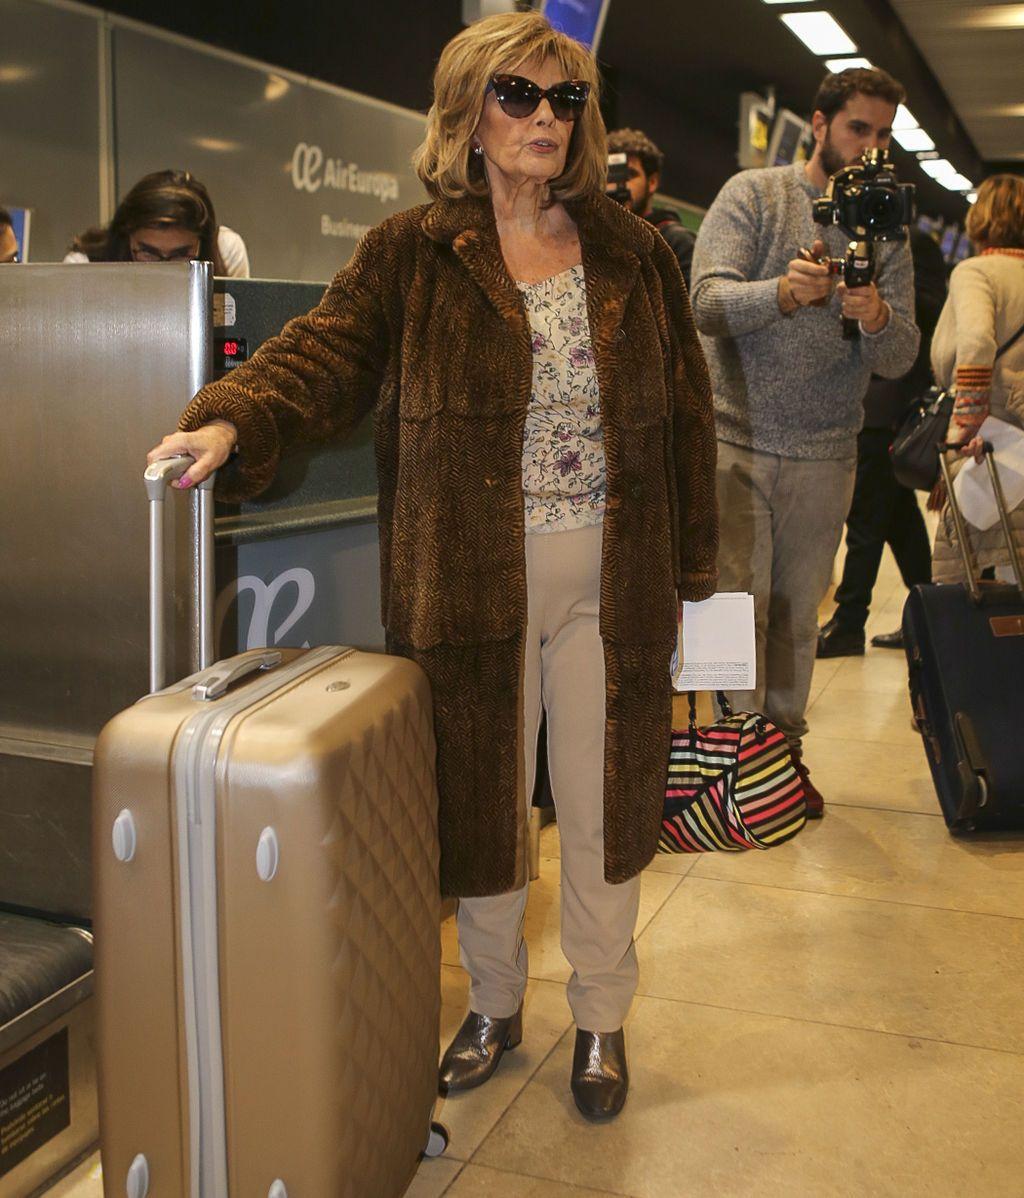 ¡De viaje a Nueva York! Los maletones de las Campos que te dejarán boquiabierto, foto a foto